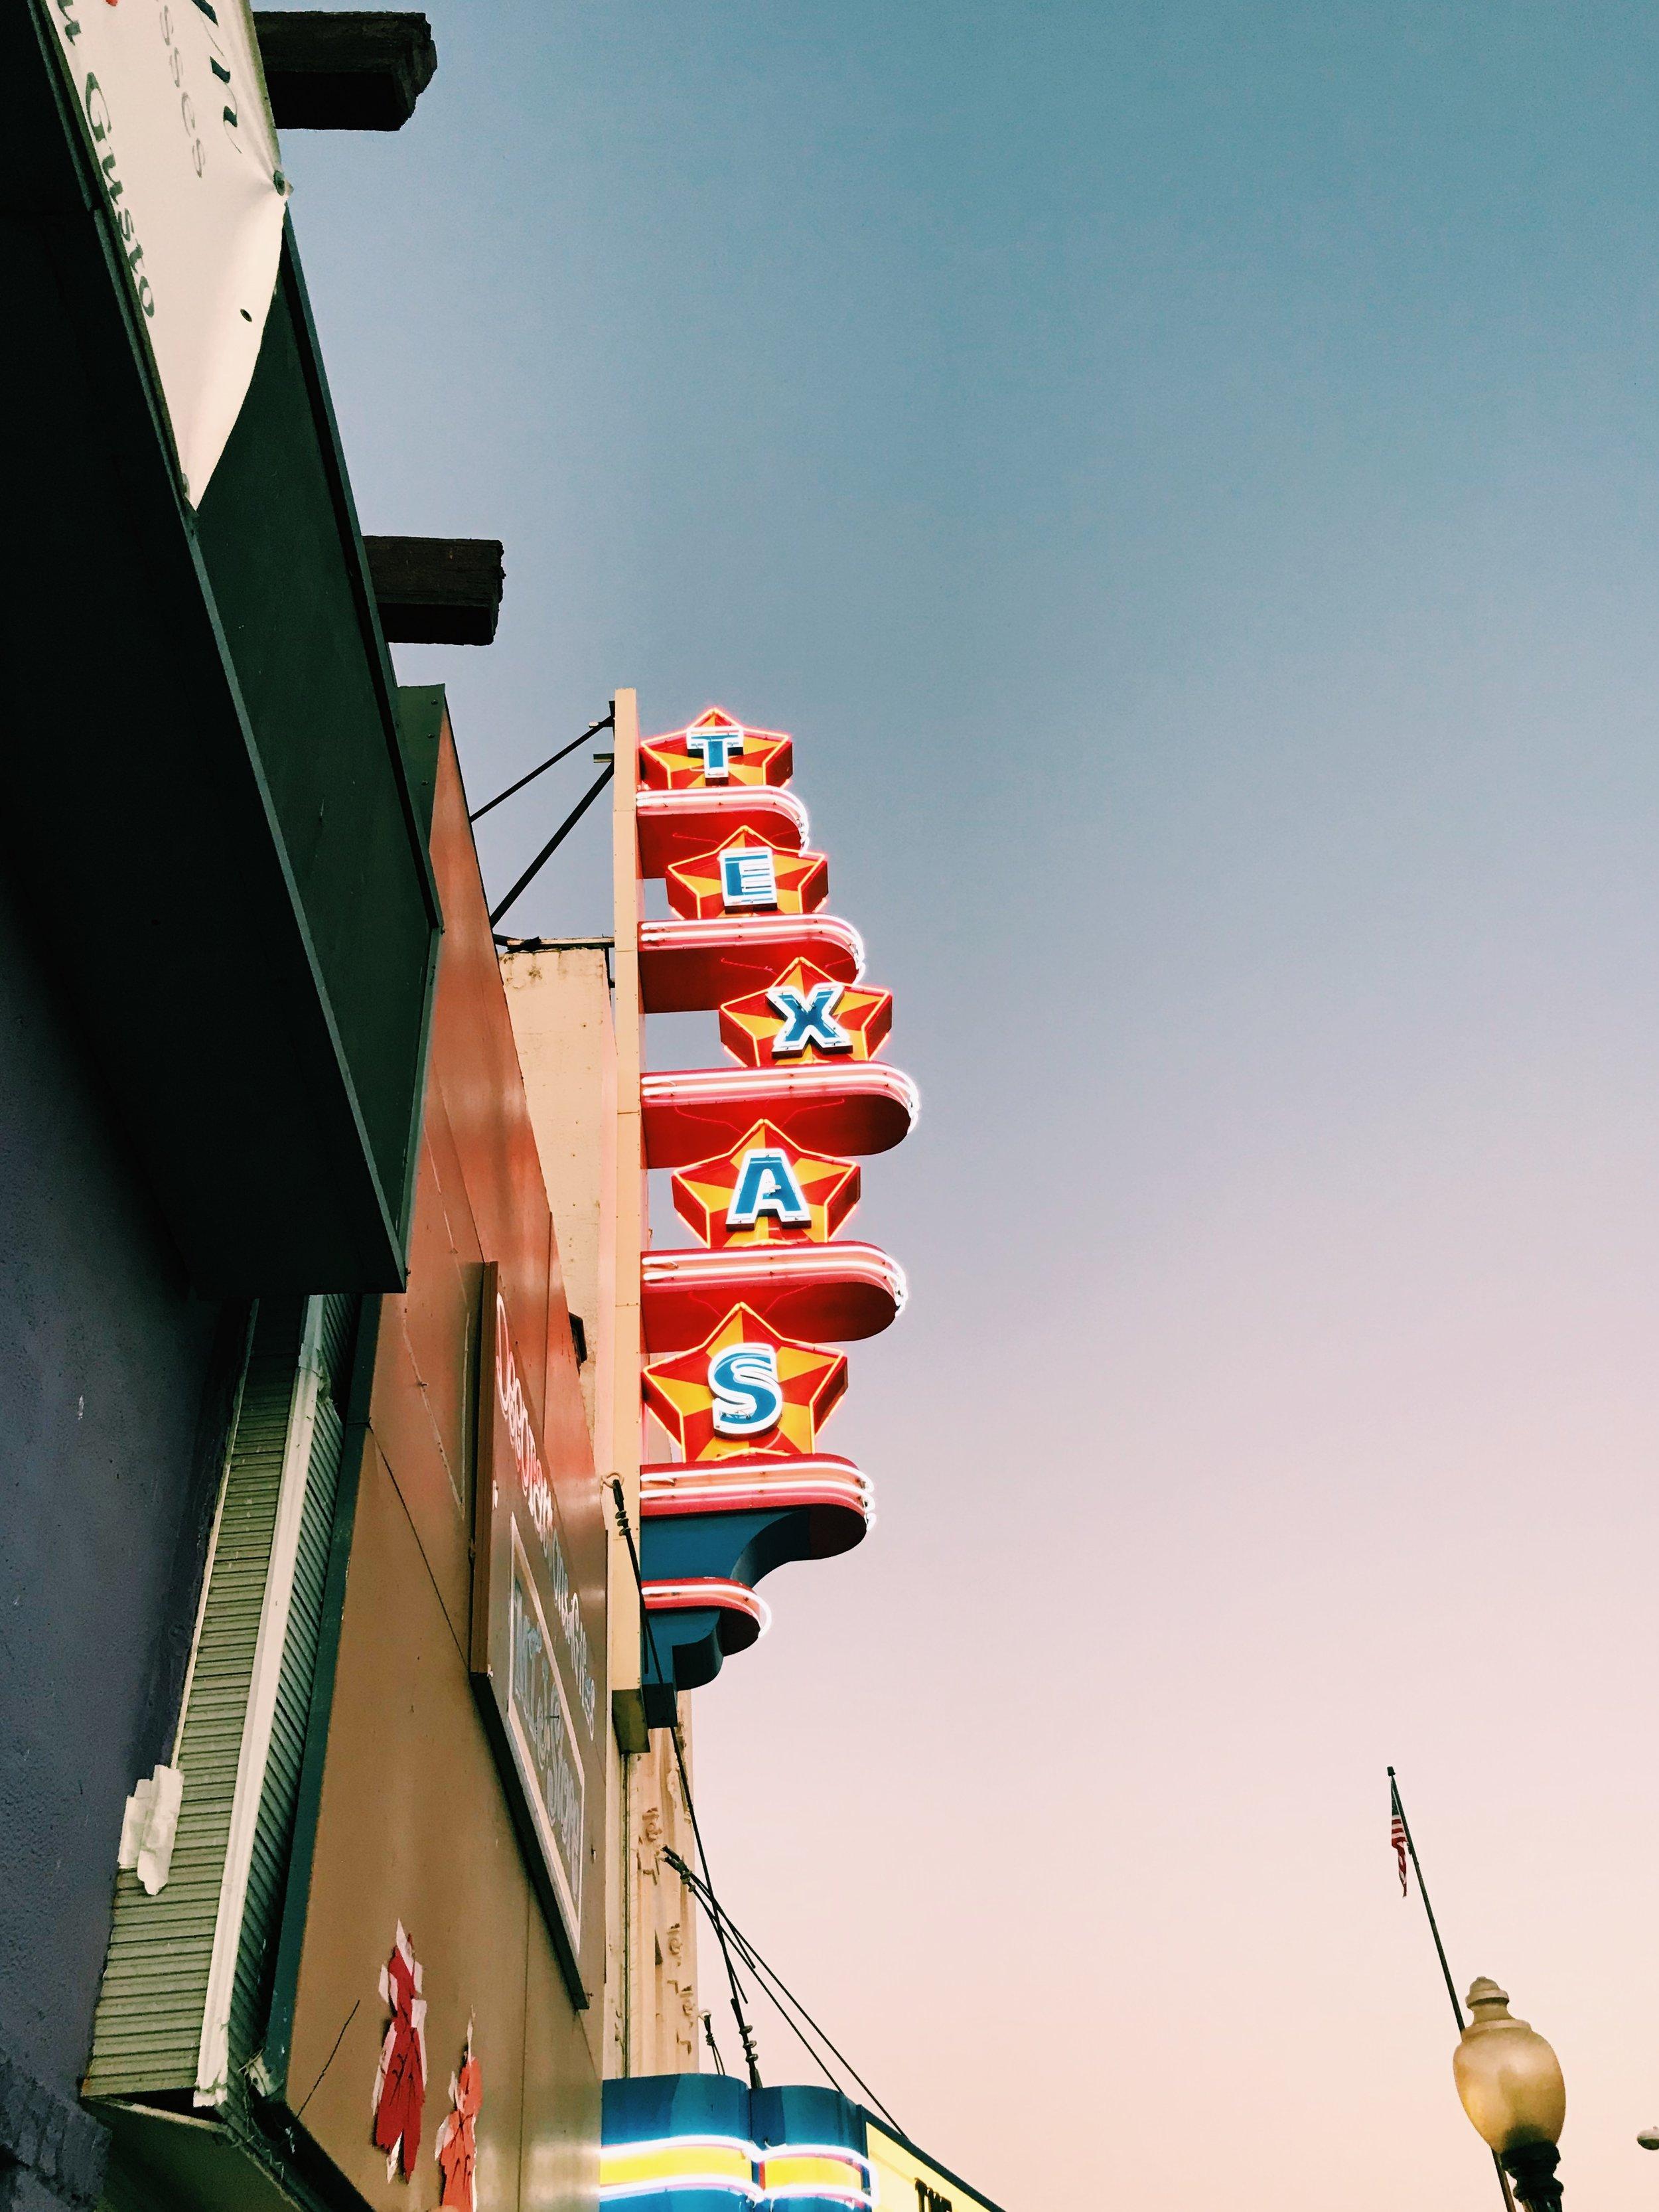 texastheater.jpg